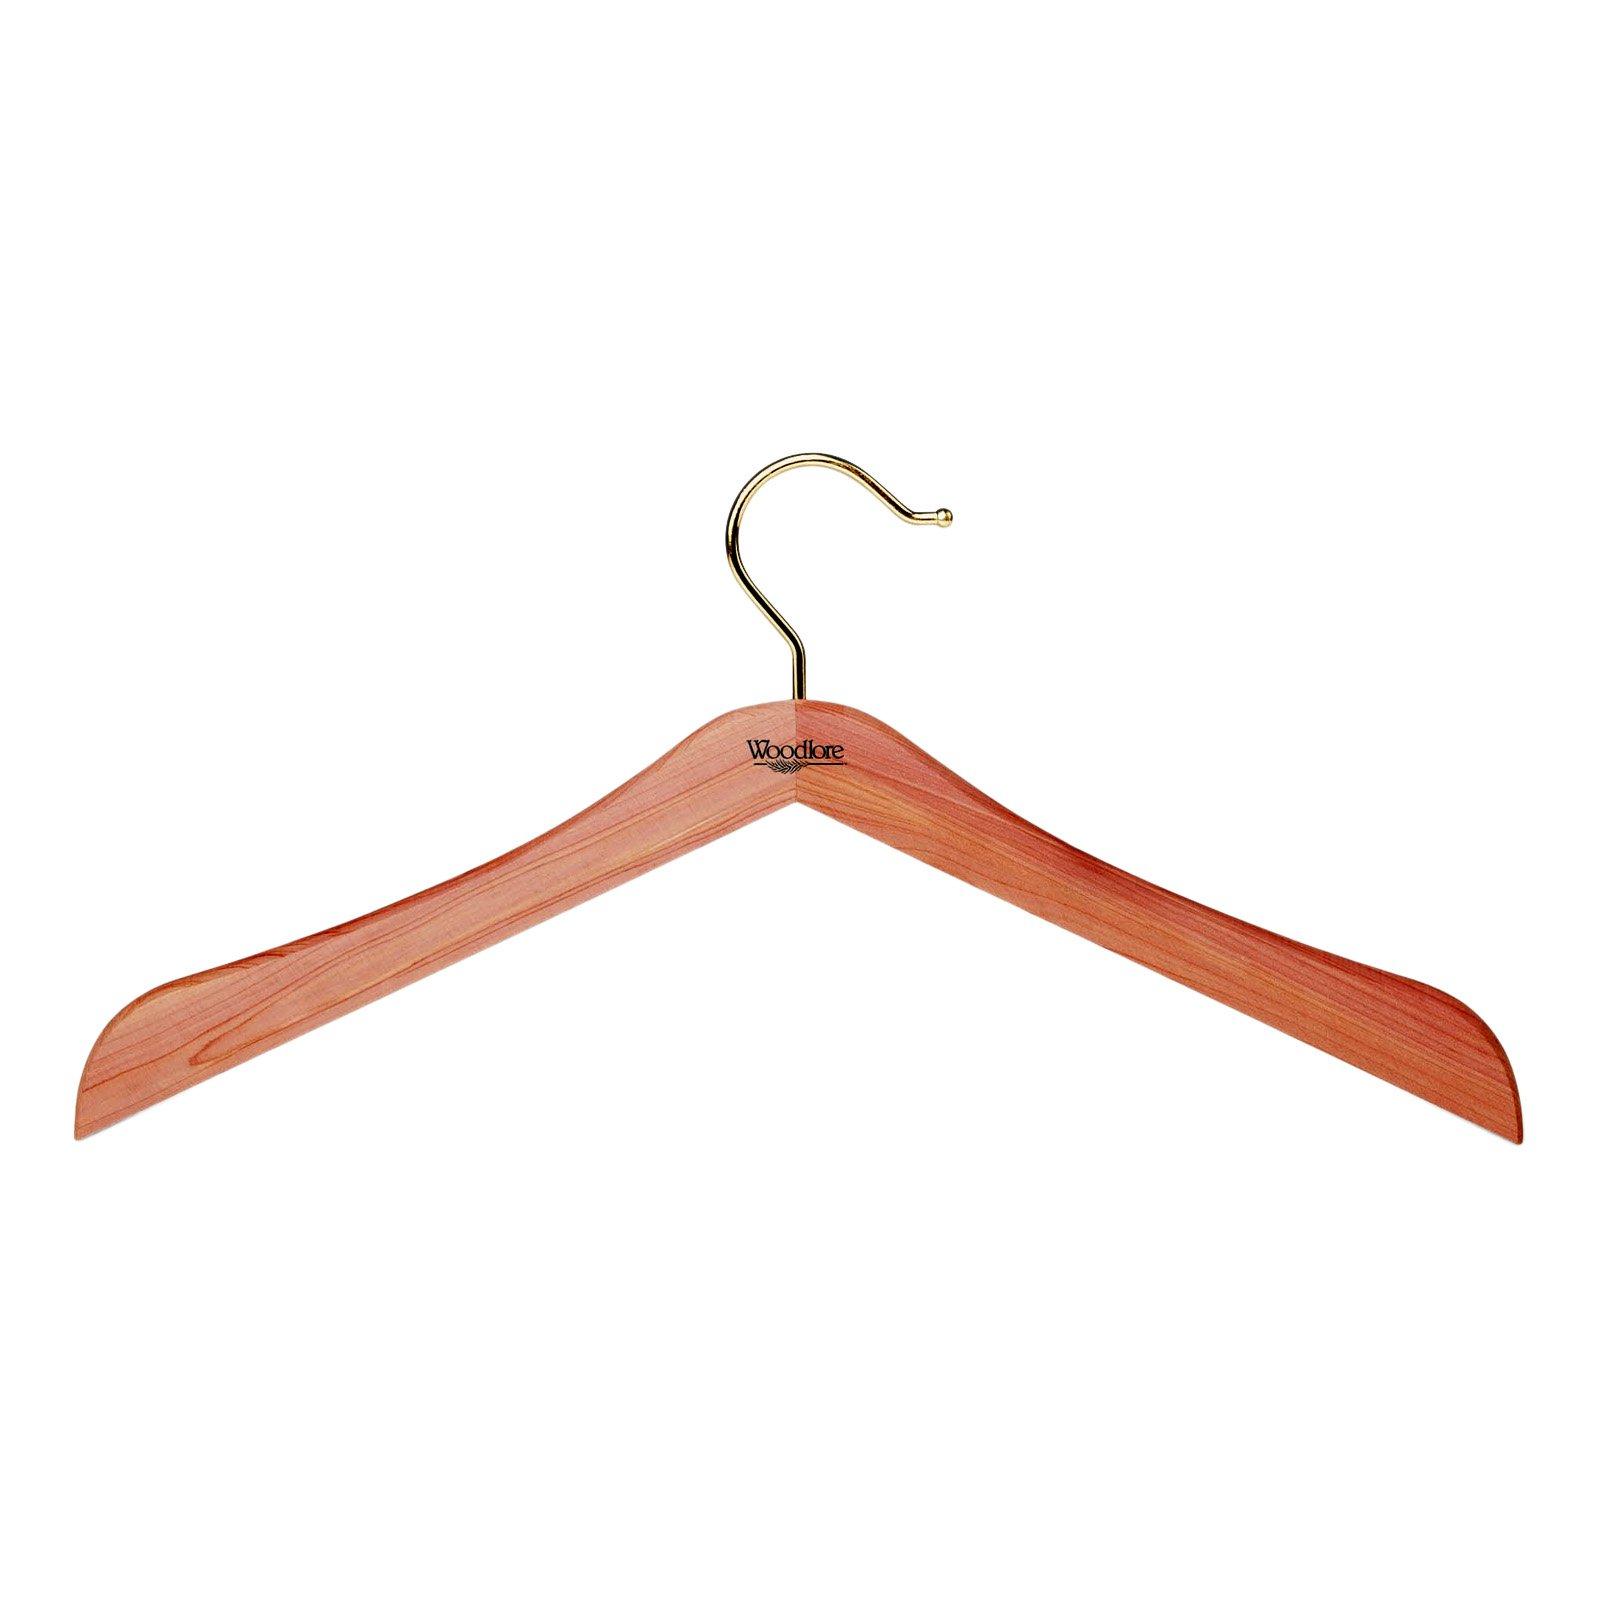 Woodlore Standard Hanger without Bar - Set of 4